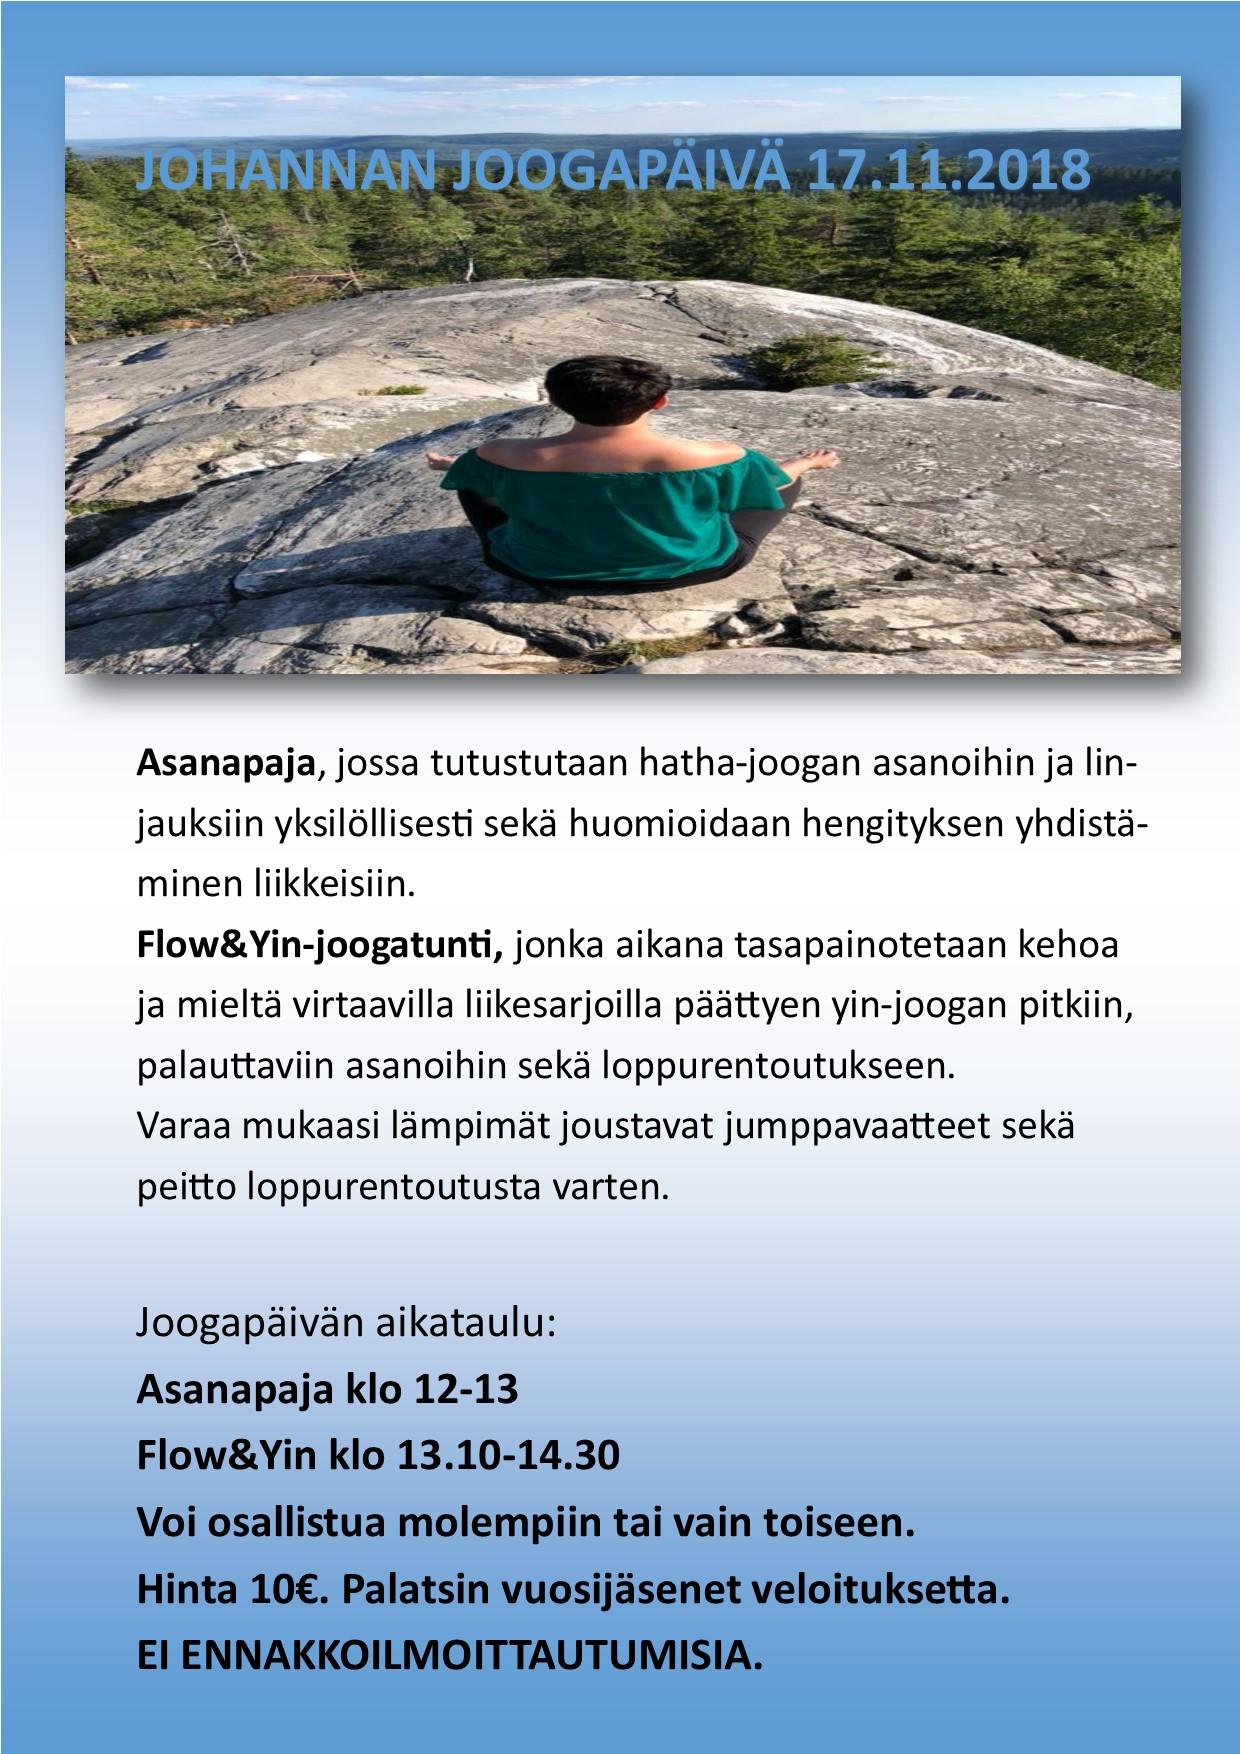 JOHANNAN JOOGAPÄIVÄ 17.11. klo 12 alkaen